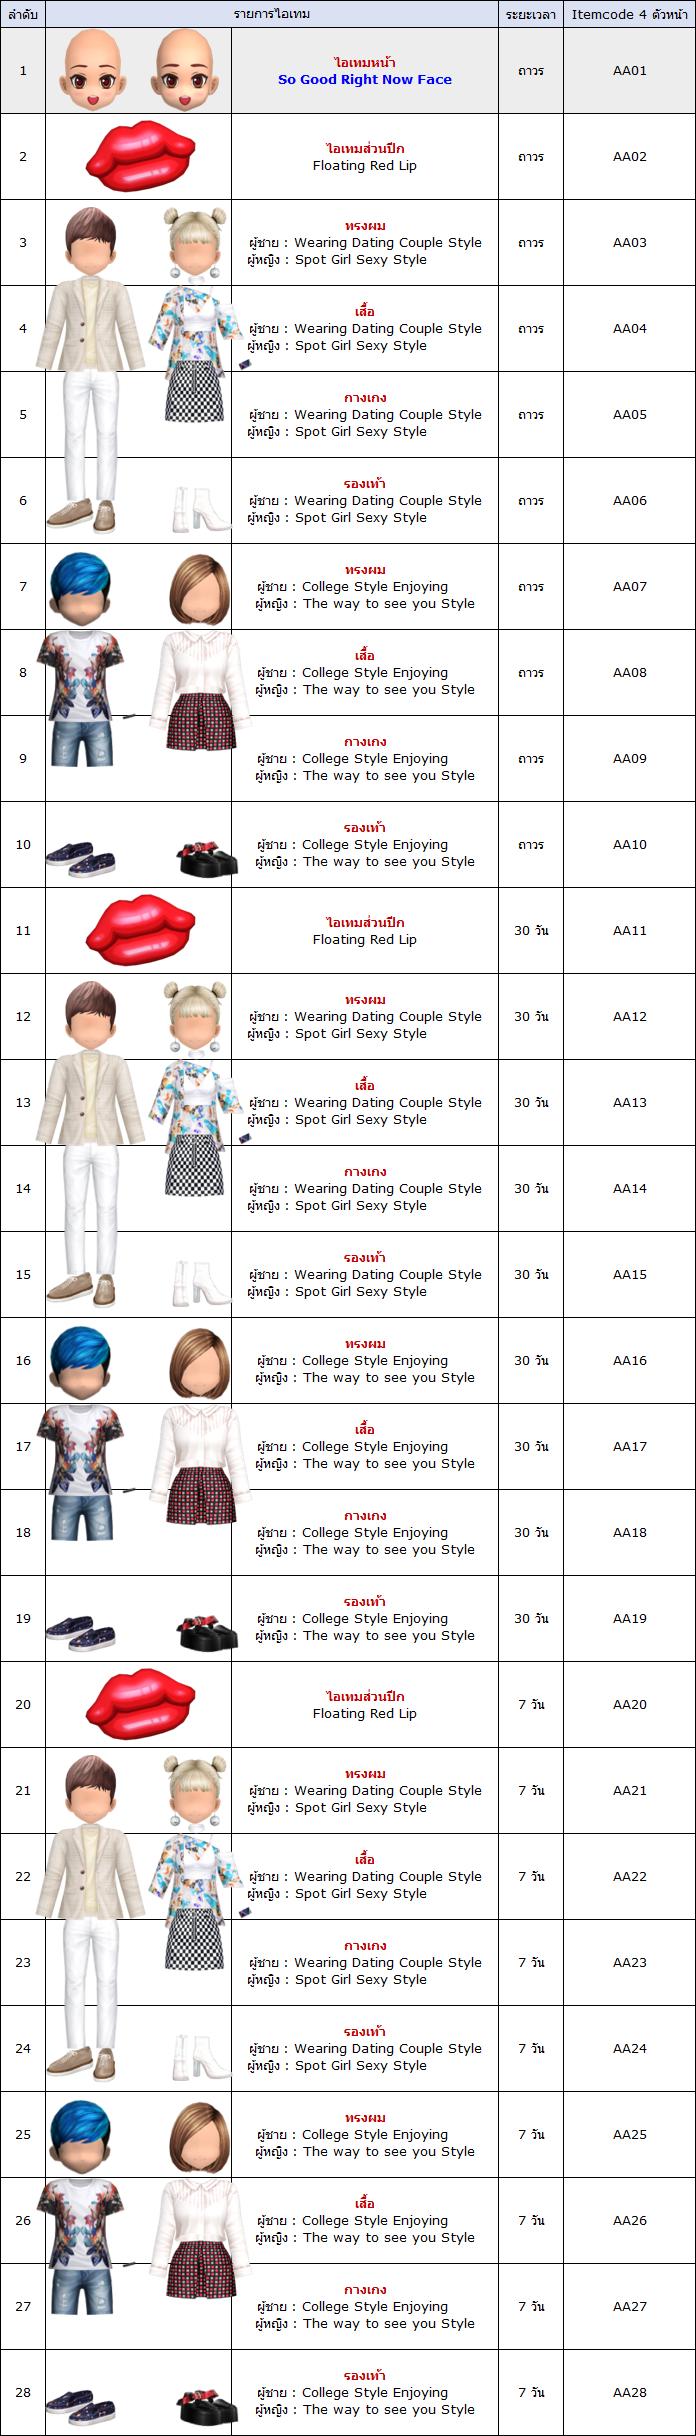 [AUDITION] ITEM SHOP Dating Box เพียง 35 บาทรับไอเทมแรร์เพียบ